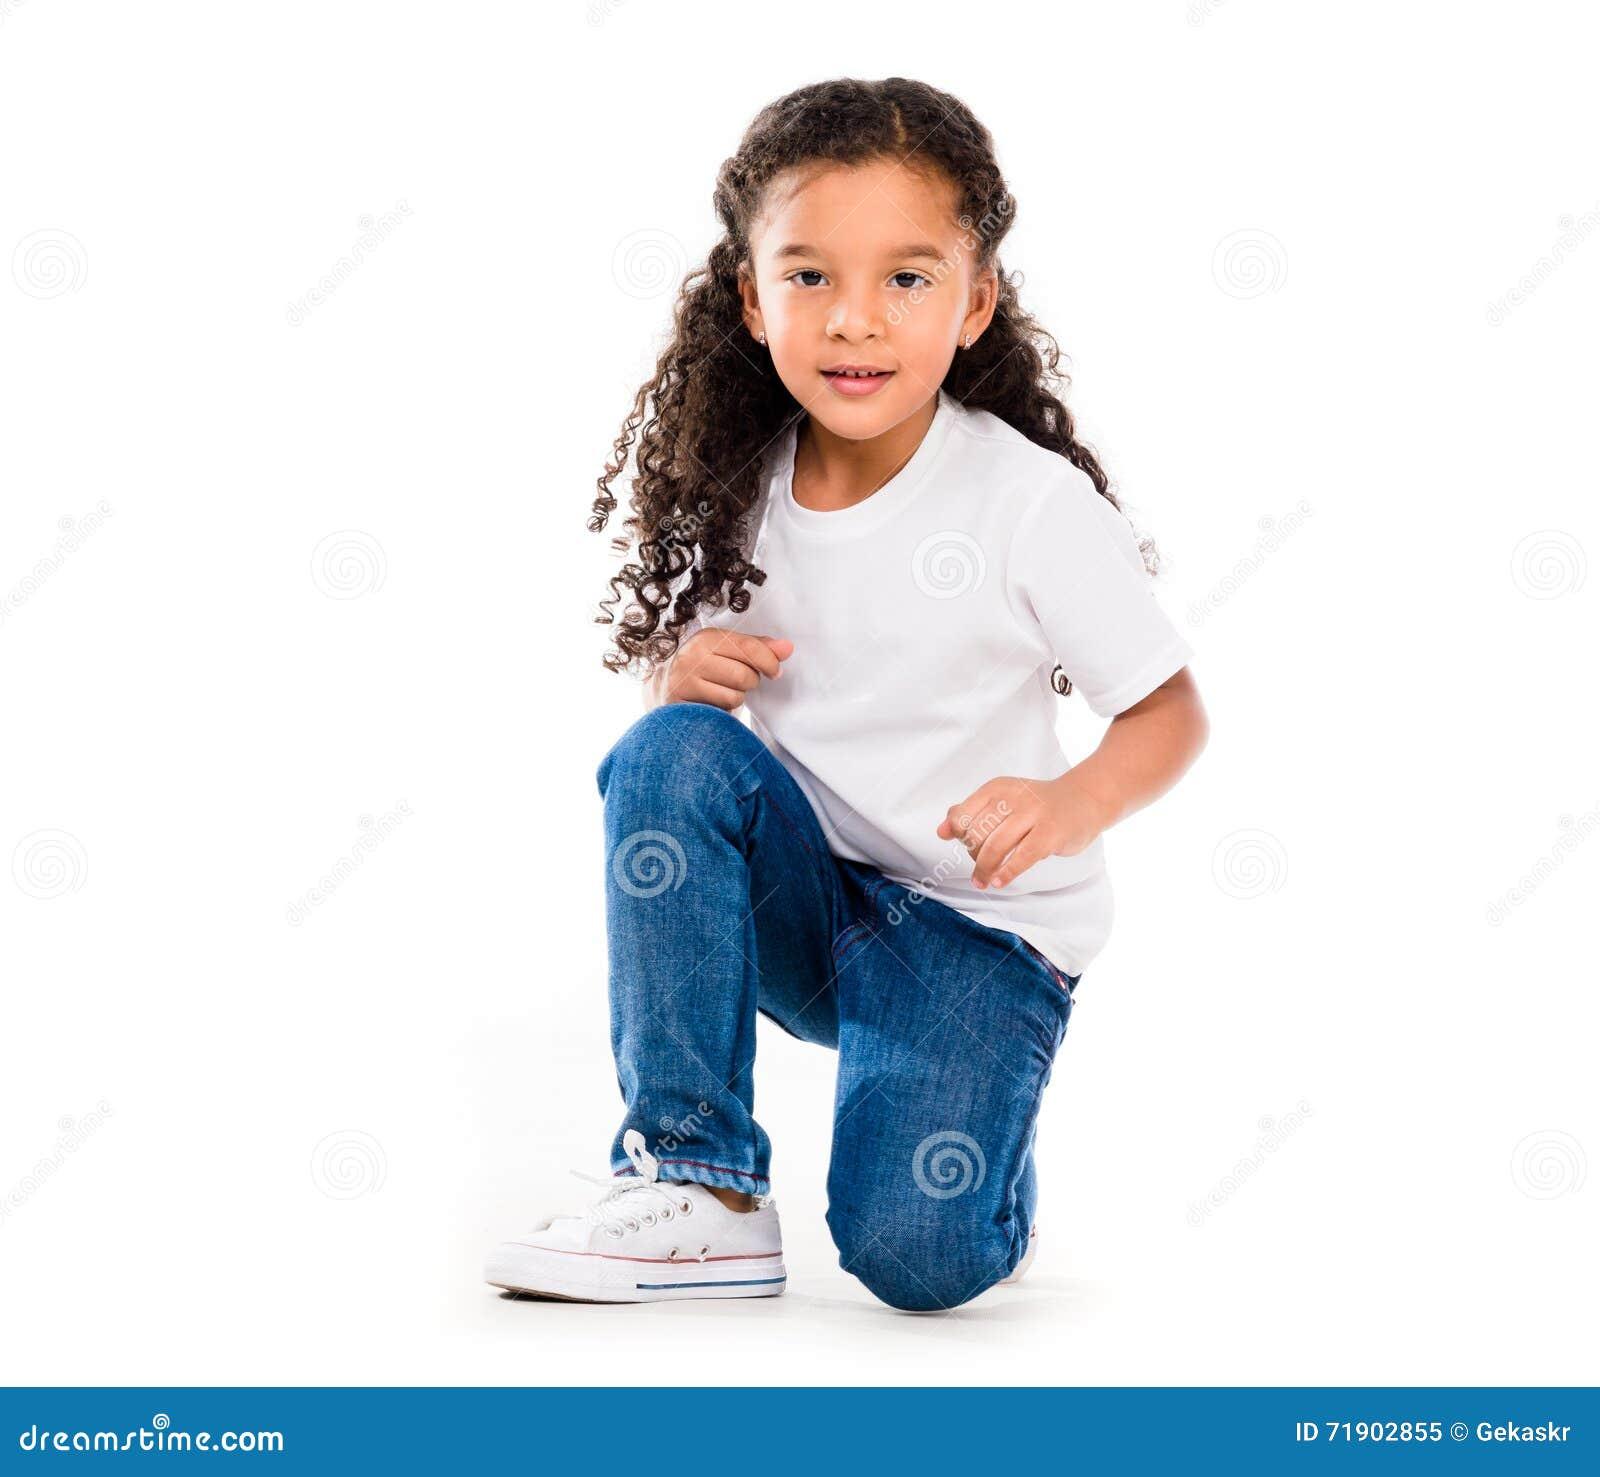 Το χαμόγελο λίγου χαριτωμένου κοριτσιού σε ένα γόνατο